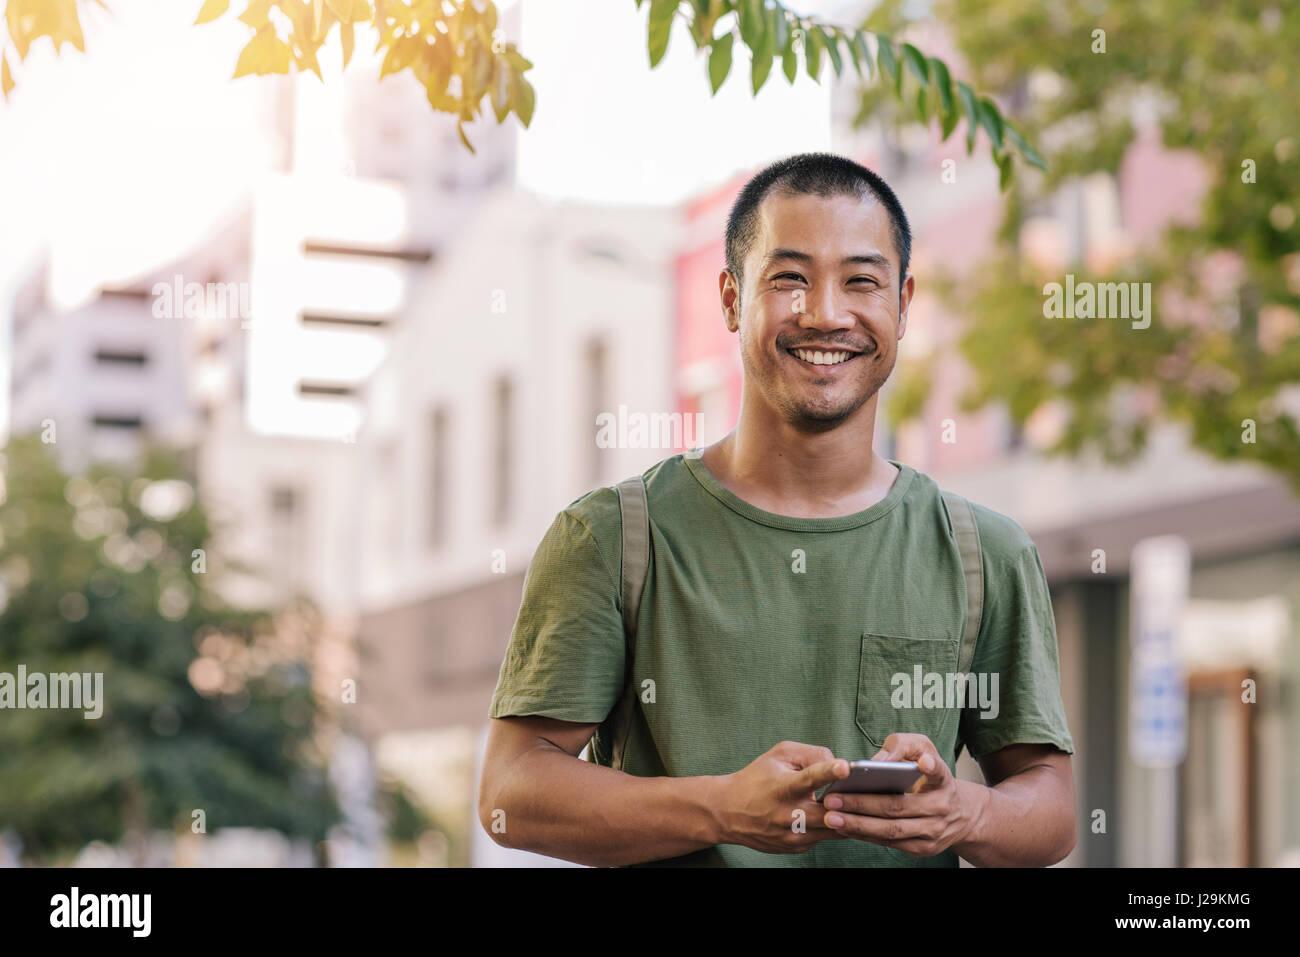 Young Asian man de l'envoi d'un texte sur son cellulaire à l'extérieur Photo Stock